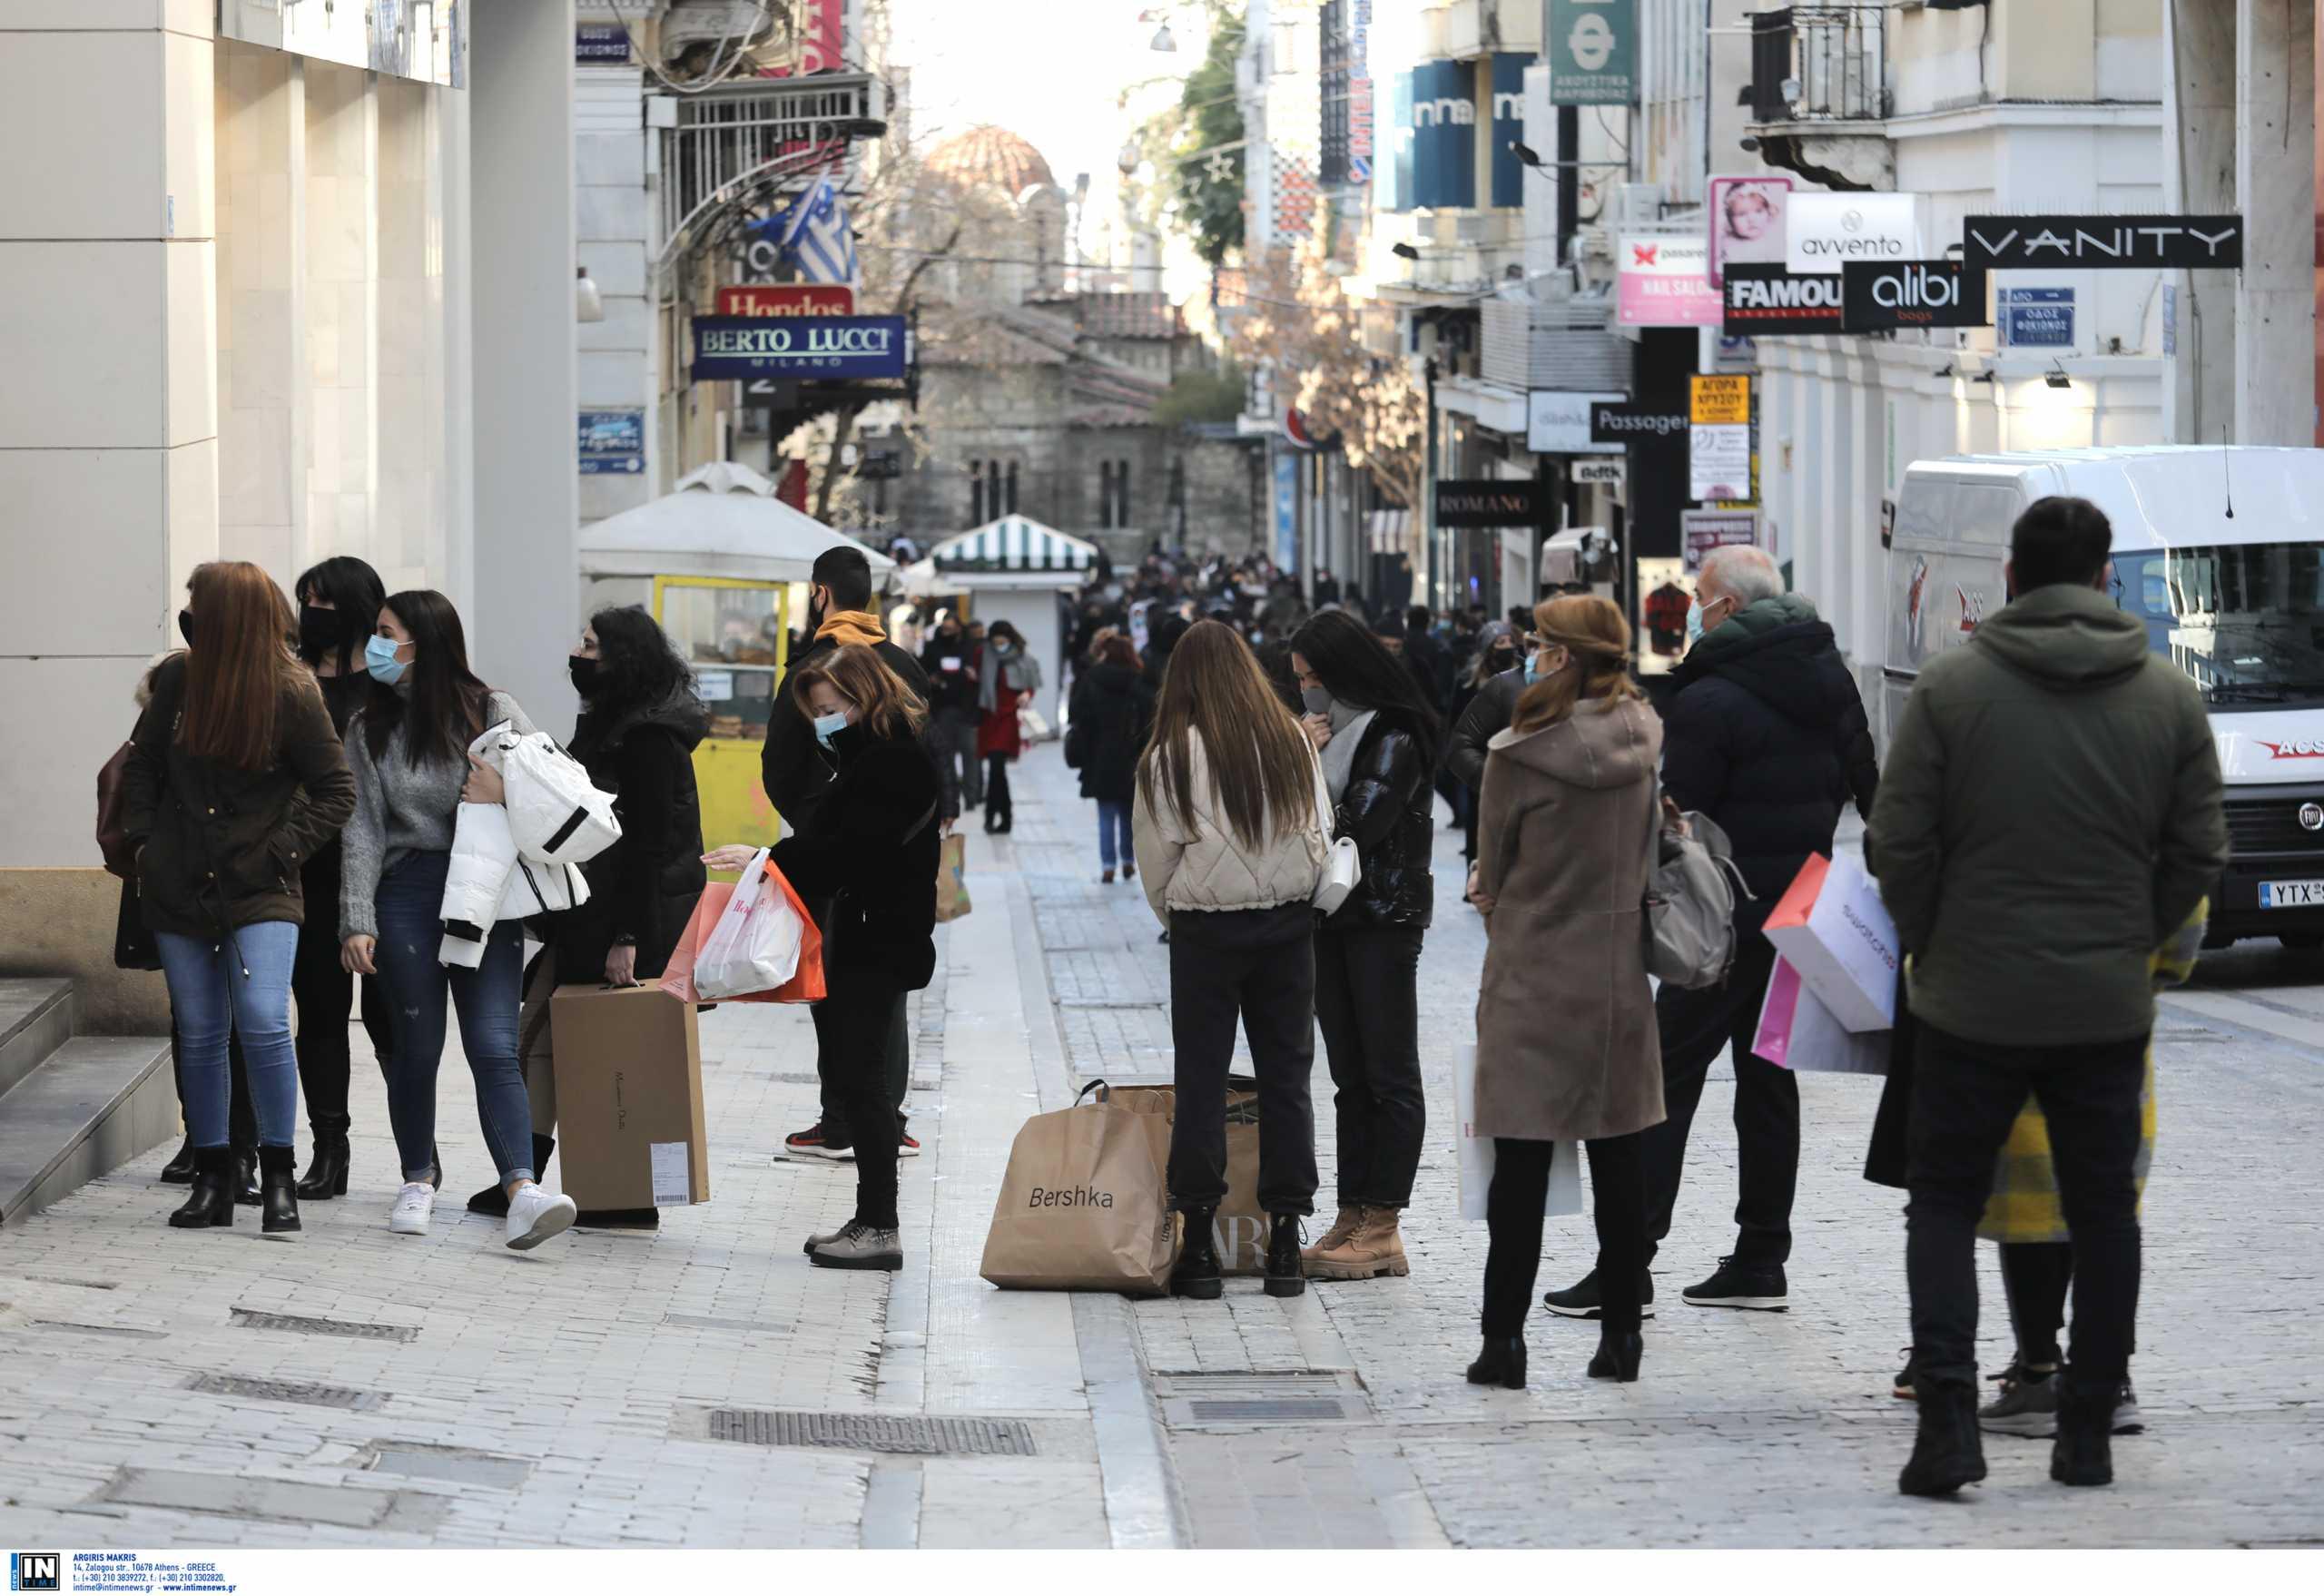 Νέο σχέδιο για ψώνια με χρονόμετρο – Πώς θα «μπλοκάρουν» τους πονηρούς των SMS